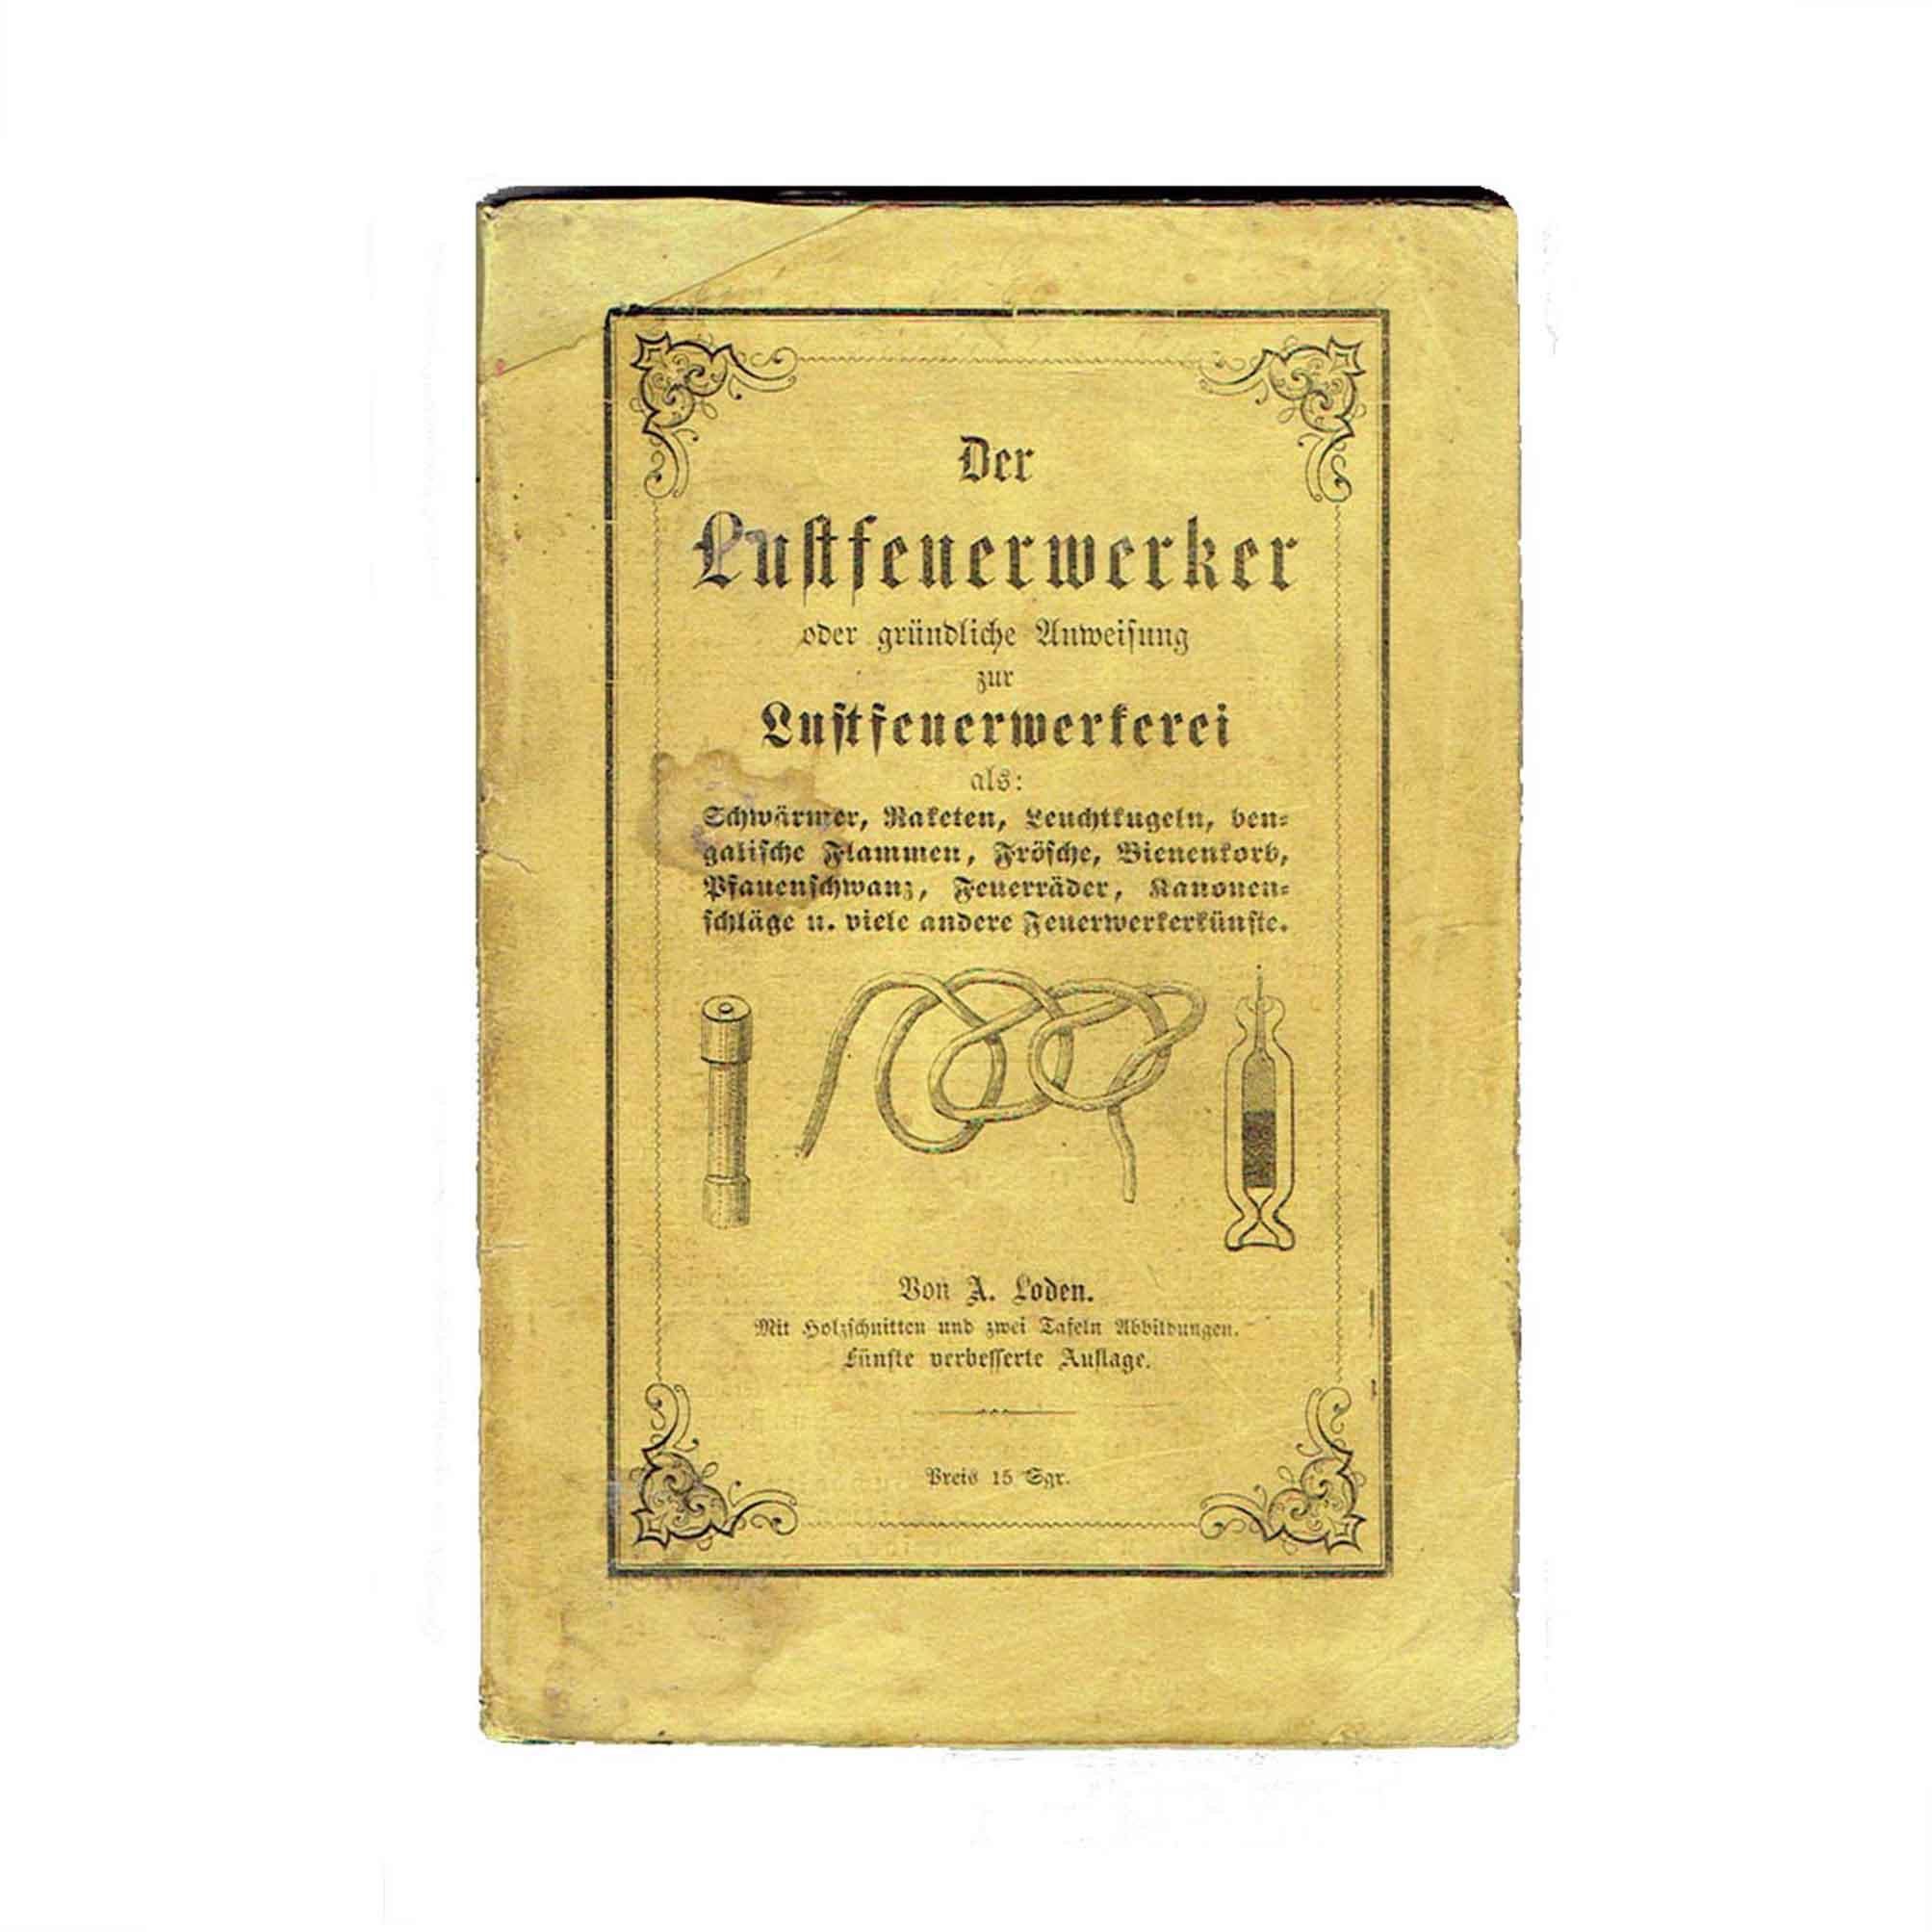 5509-Loden-Lustfeuerwerkerei-1872-1879-Umschlag-frei-N.jpeg